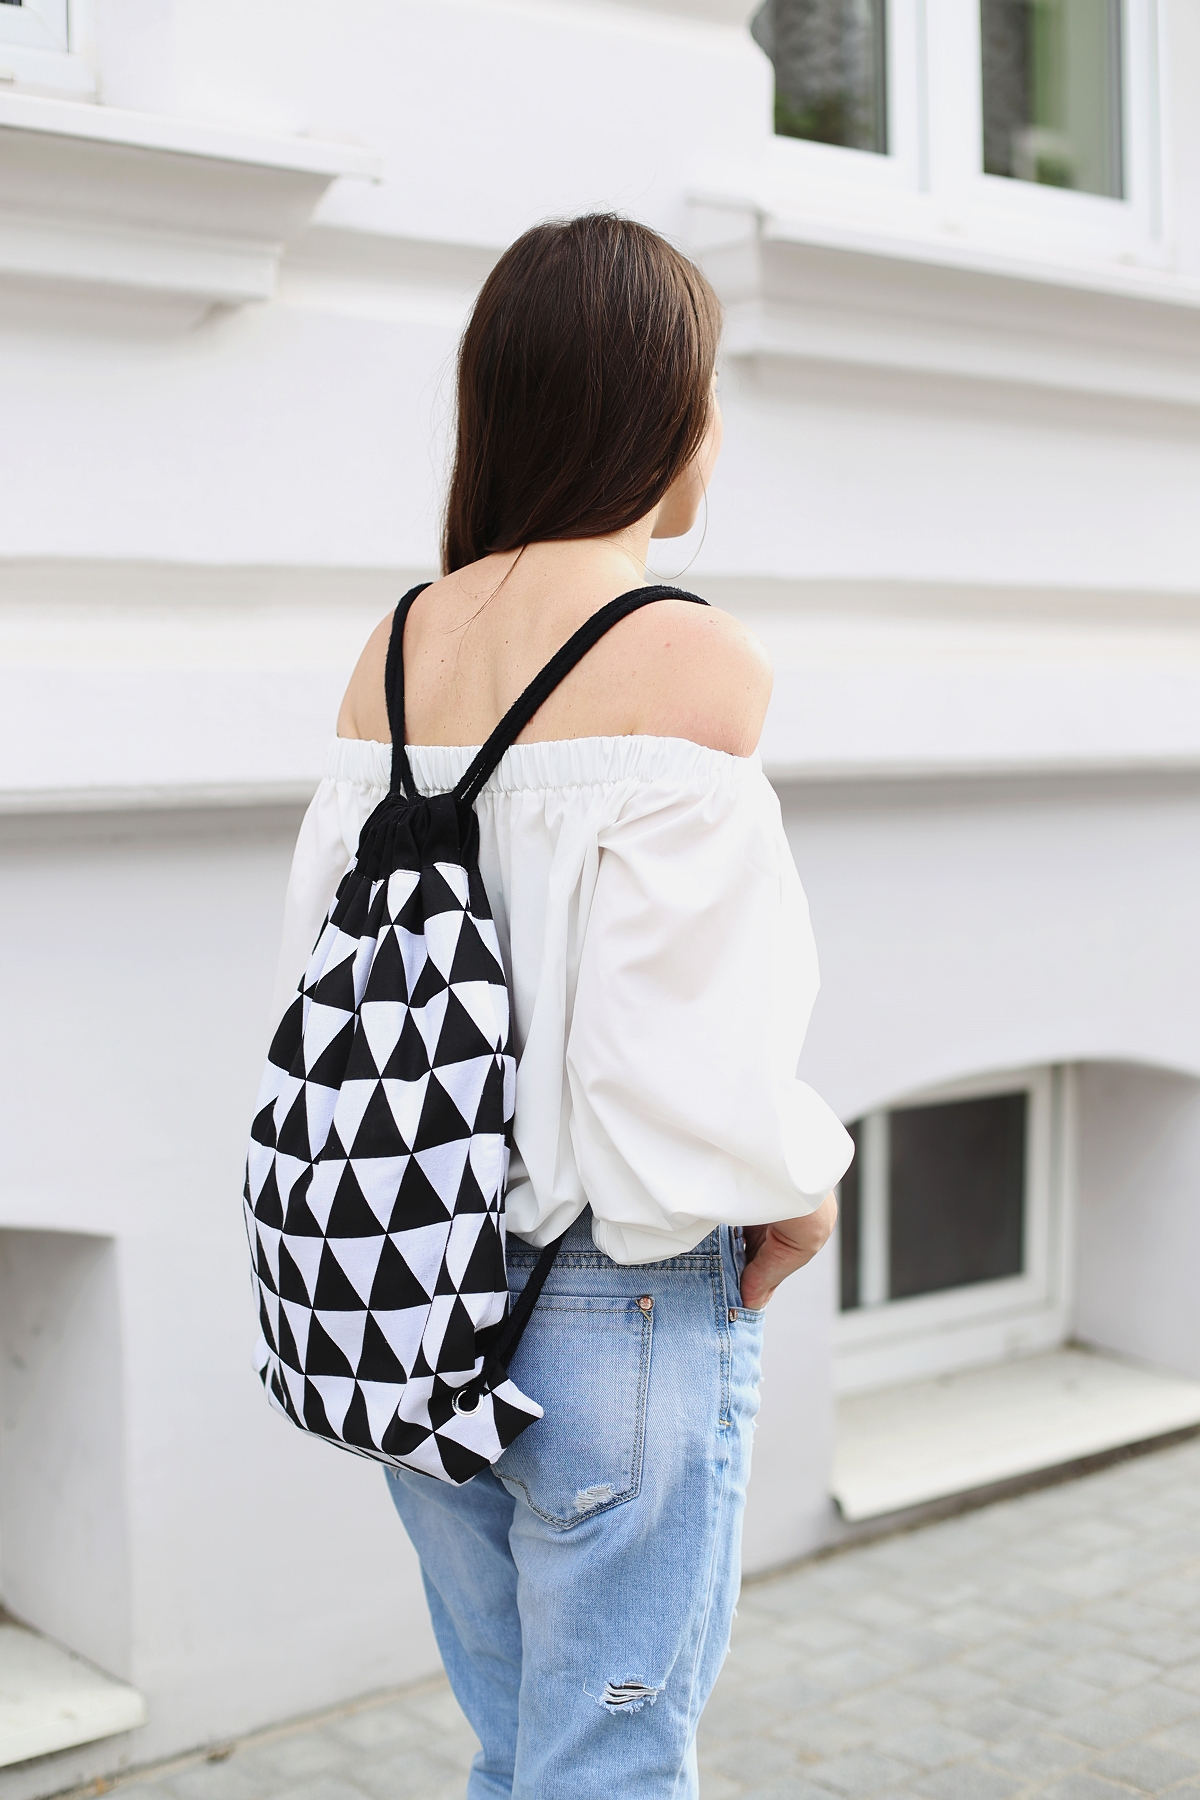 Plecak w czarno-białe trójkąty